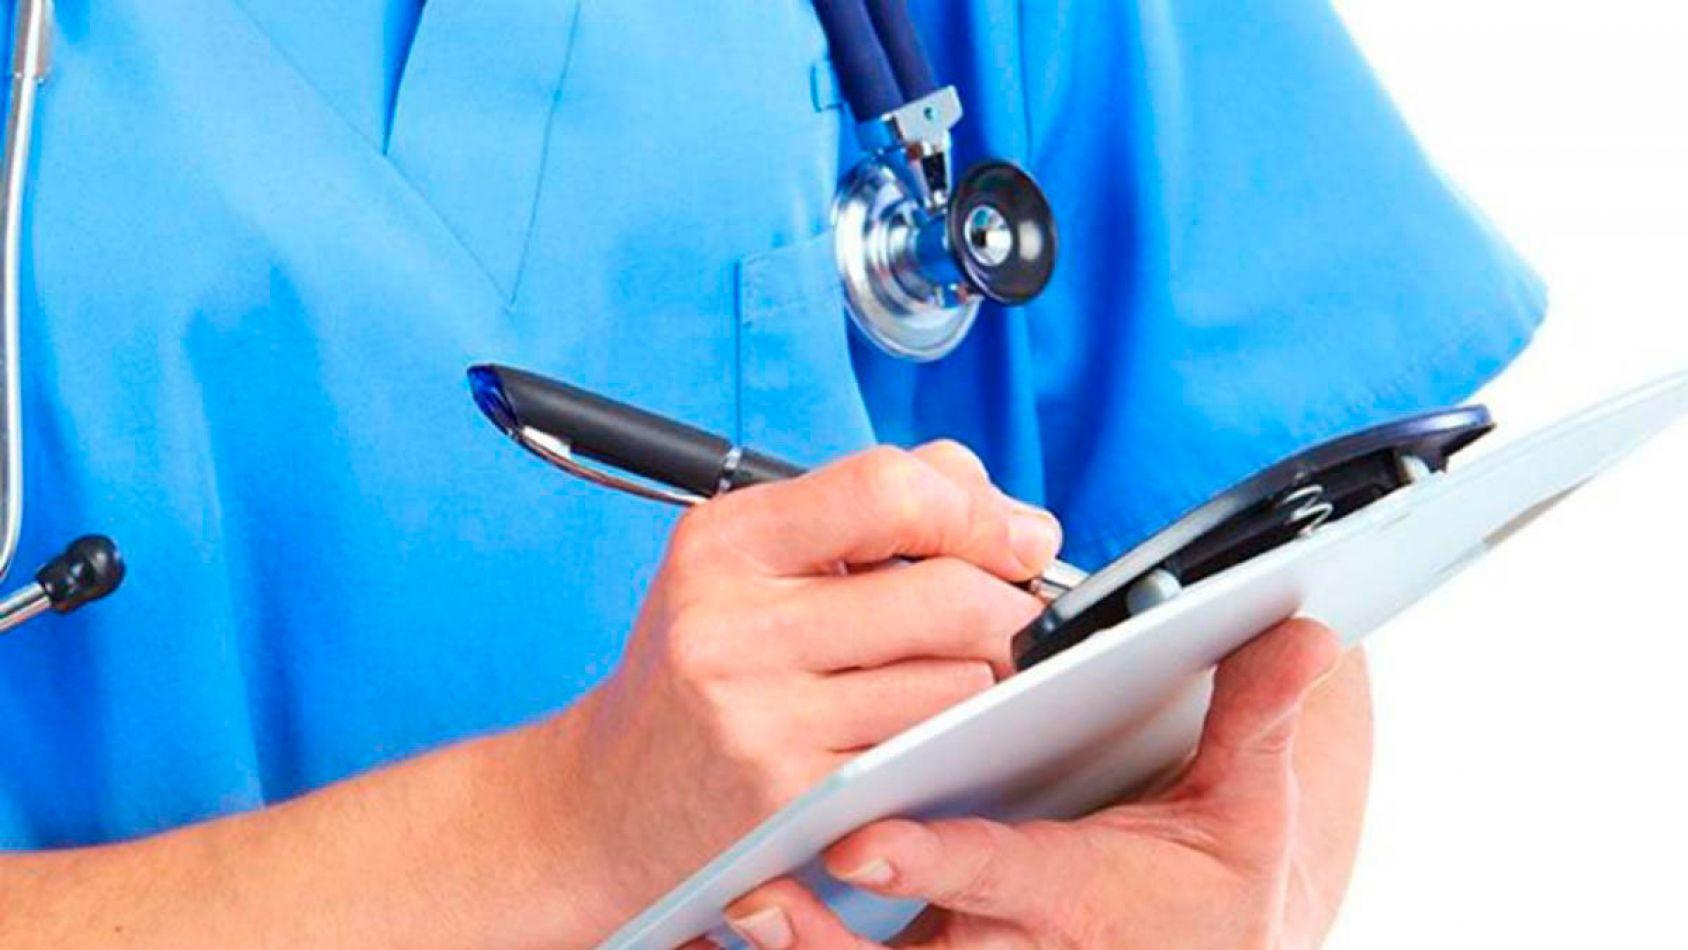 La Medicina Laboral, una herramienta imprescindible en la gestion empresaria